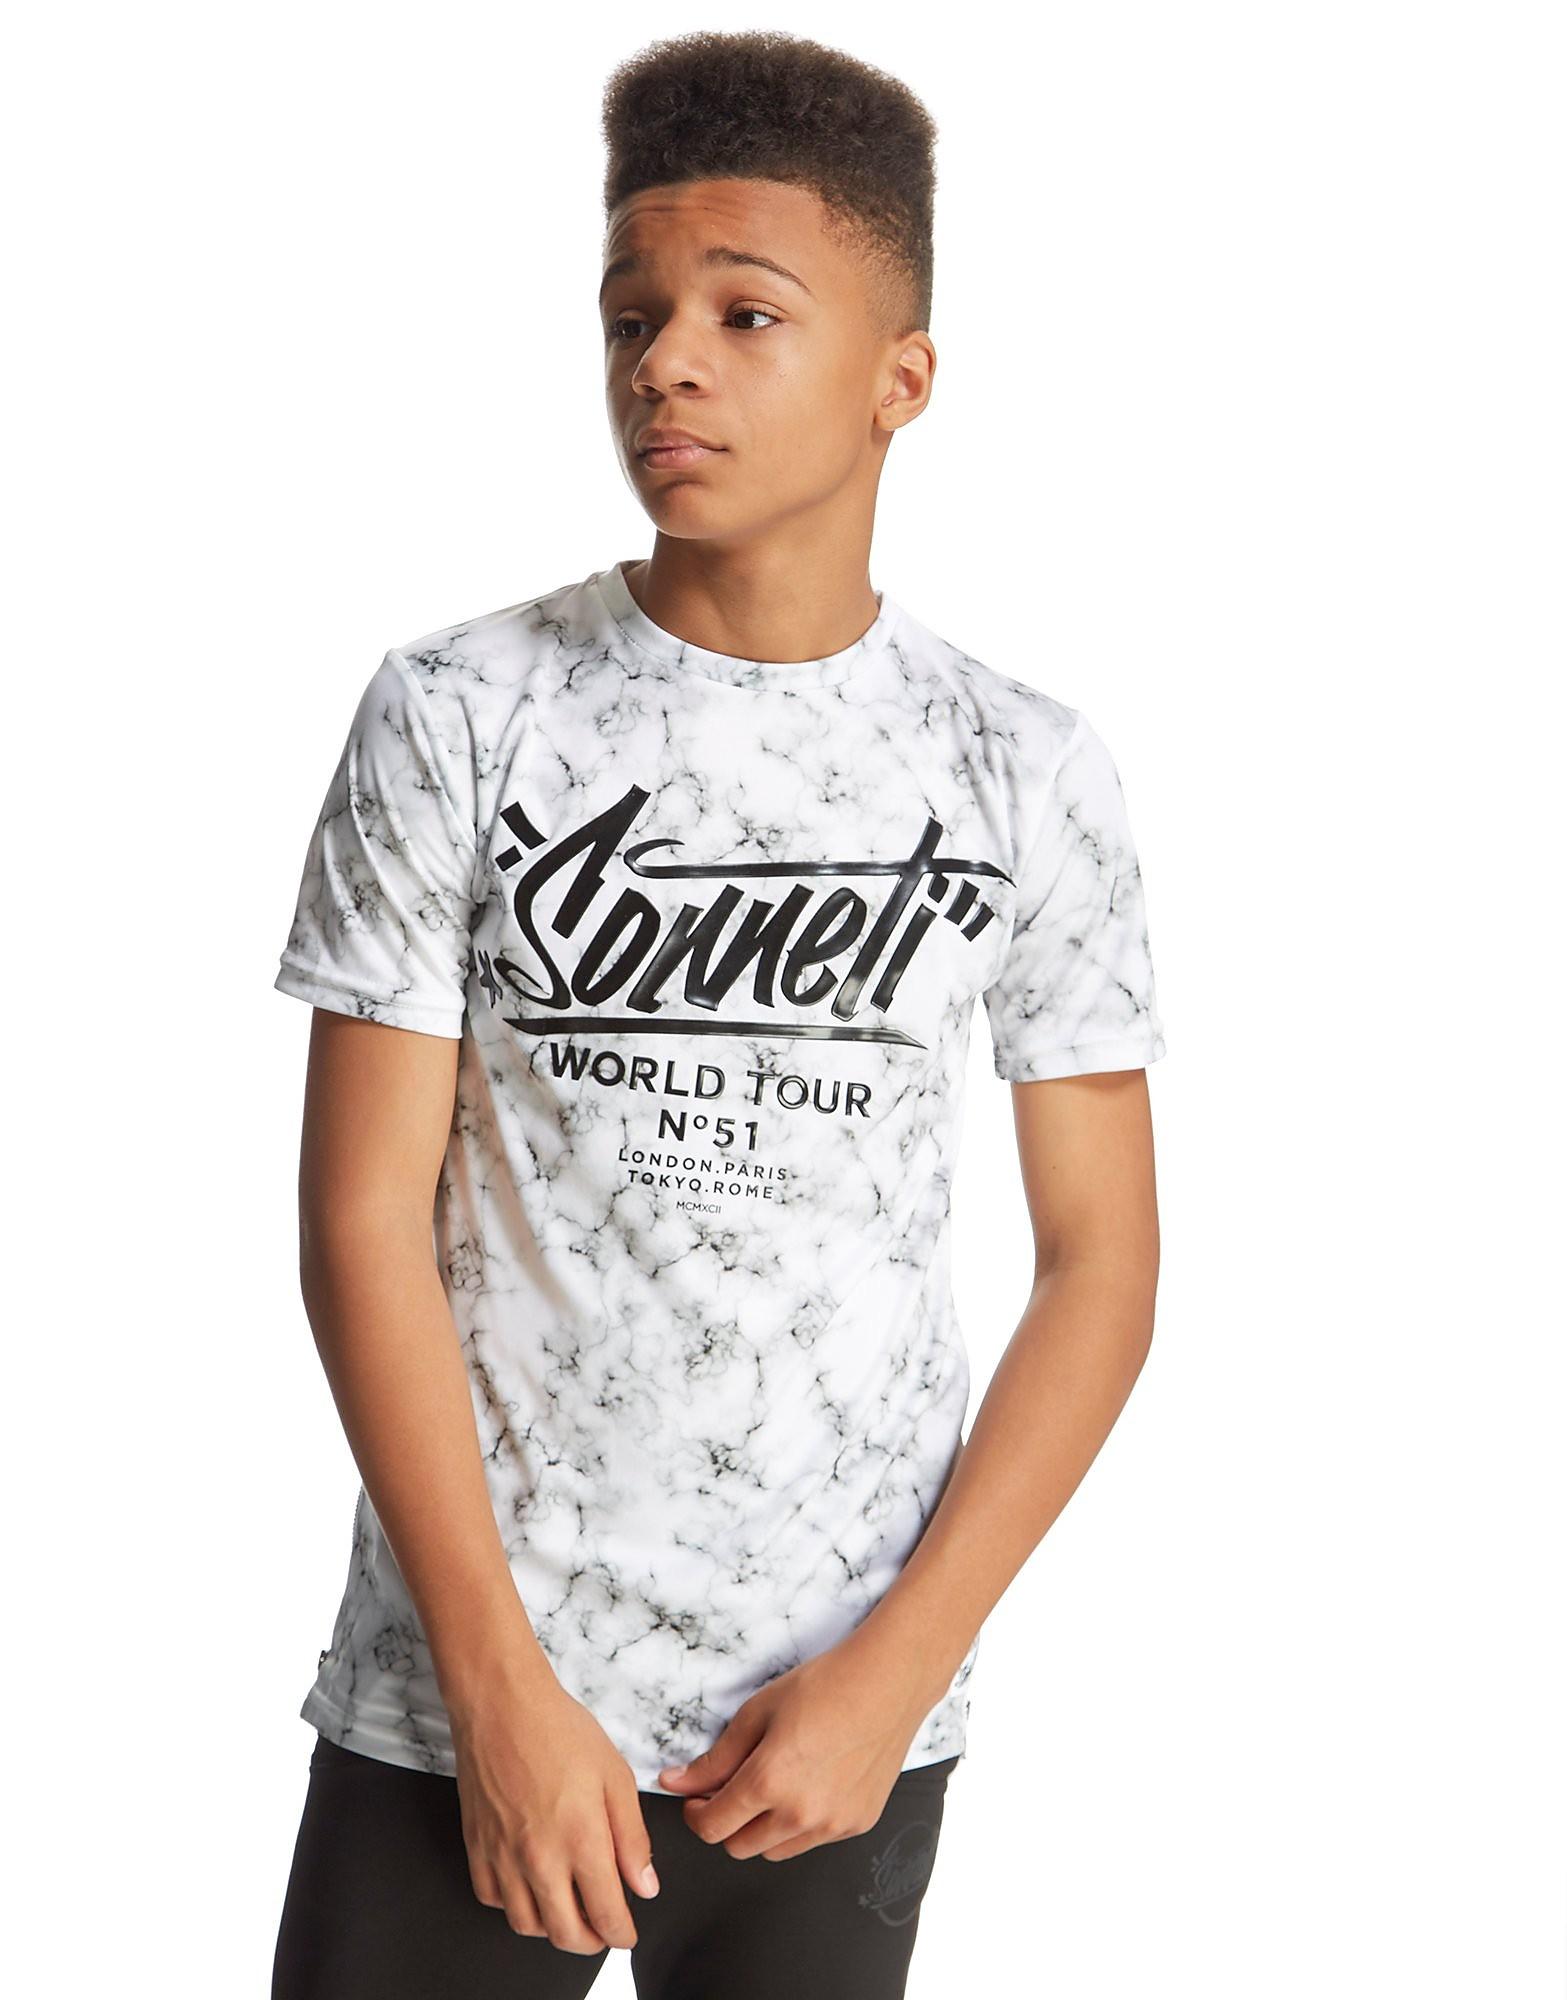 Sonneti Banger T-Shirt Junior